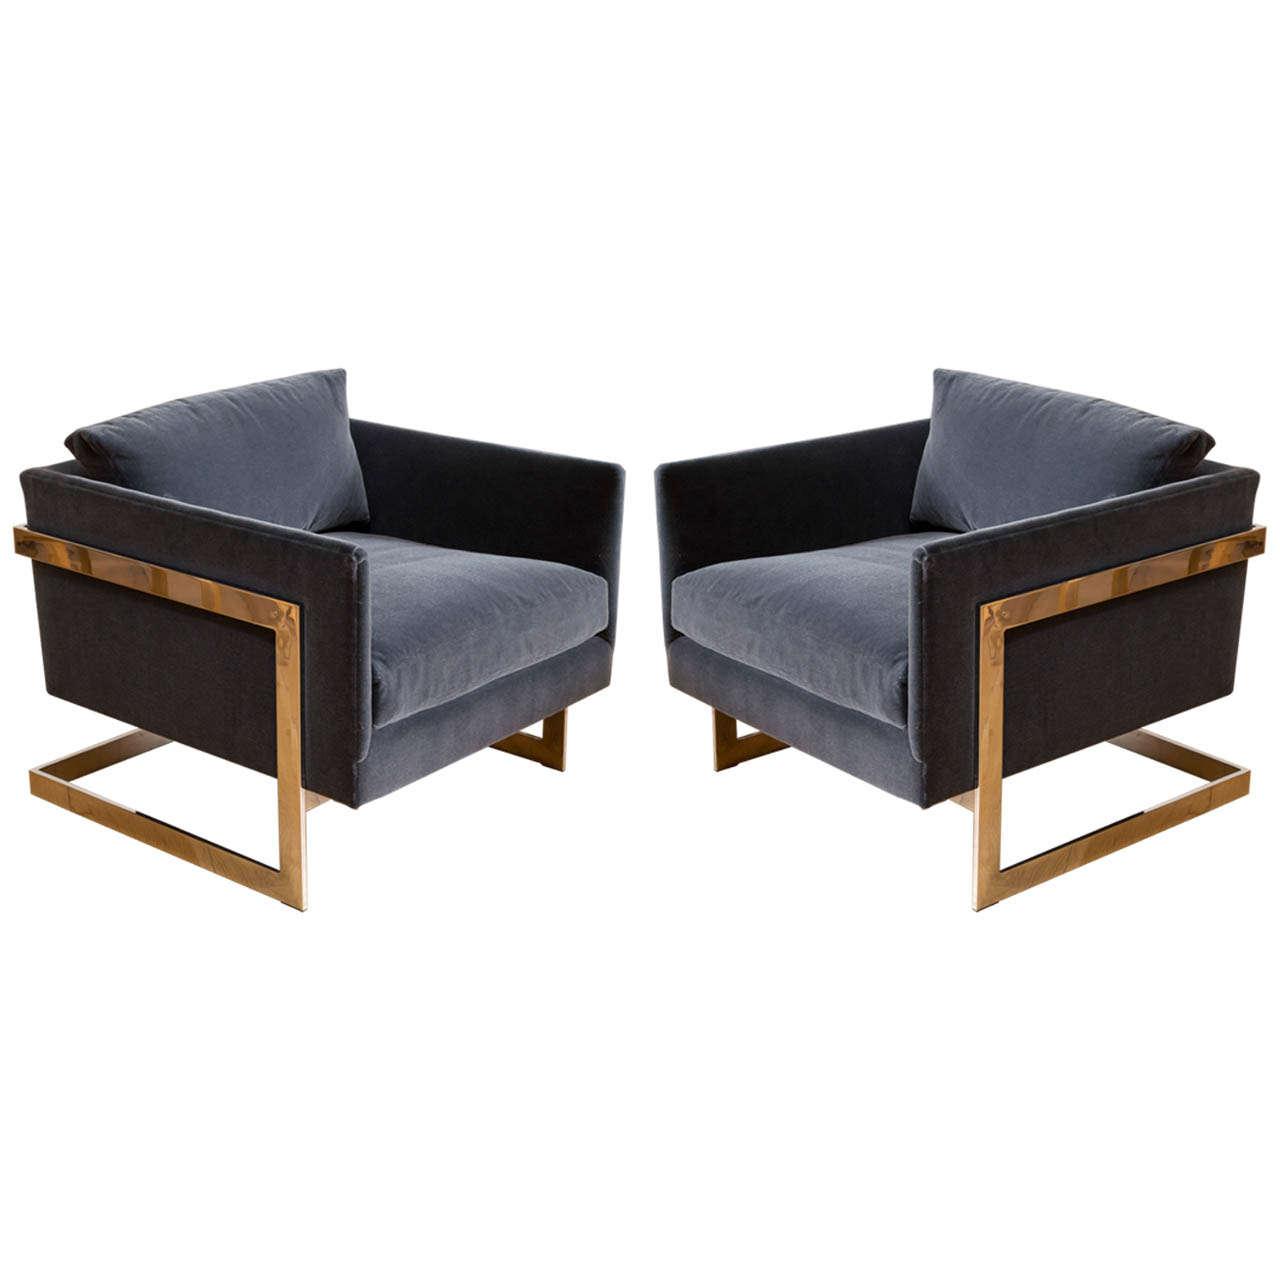 Milo Baughman - Lounge Chairs 1